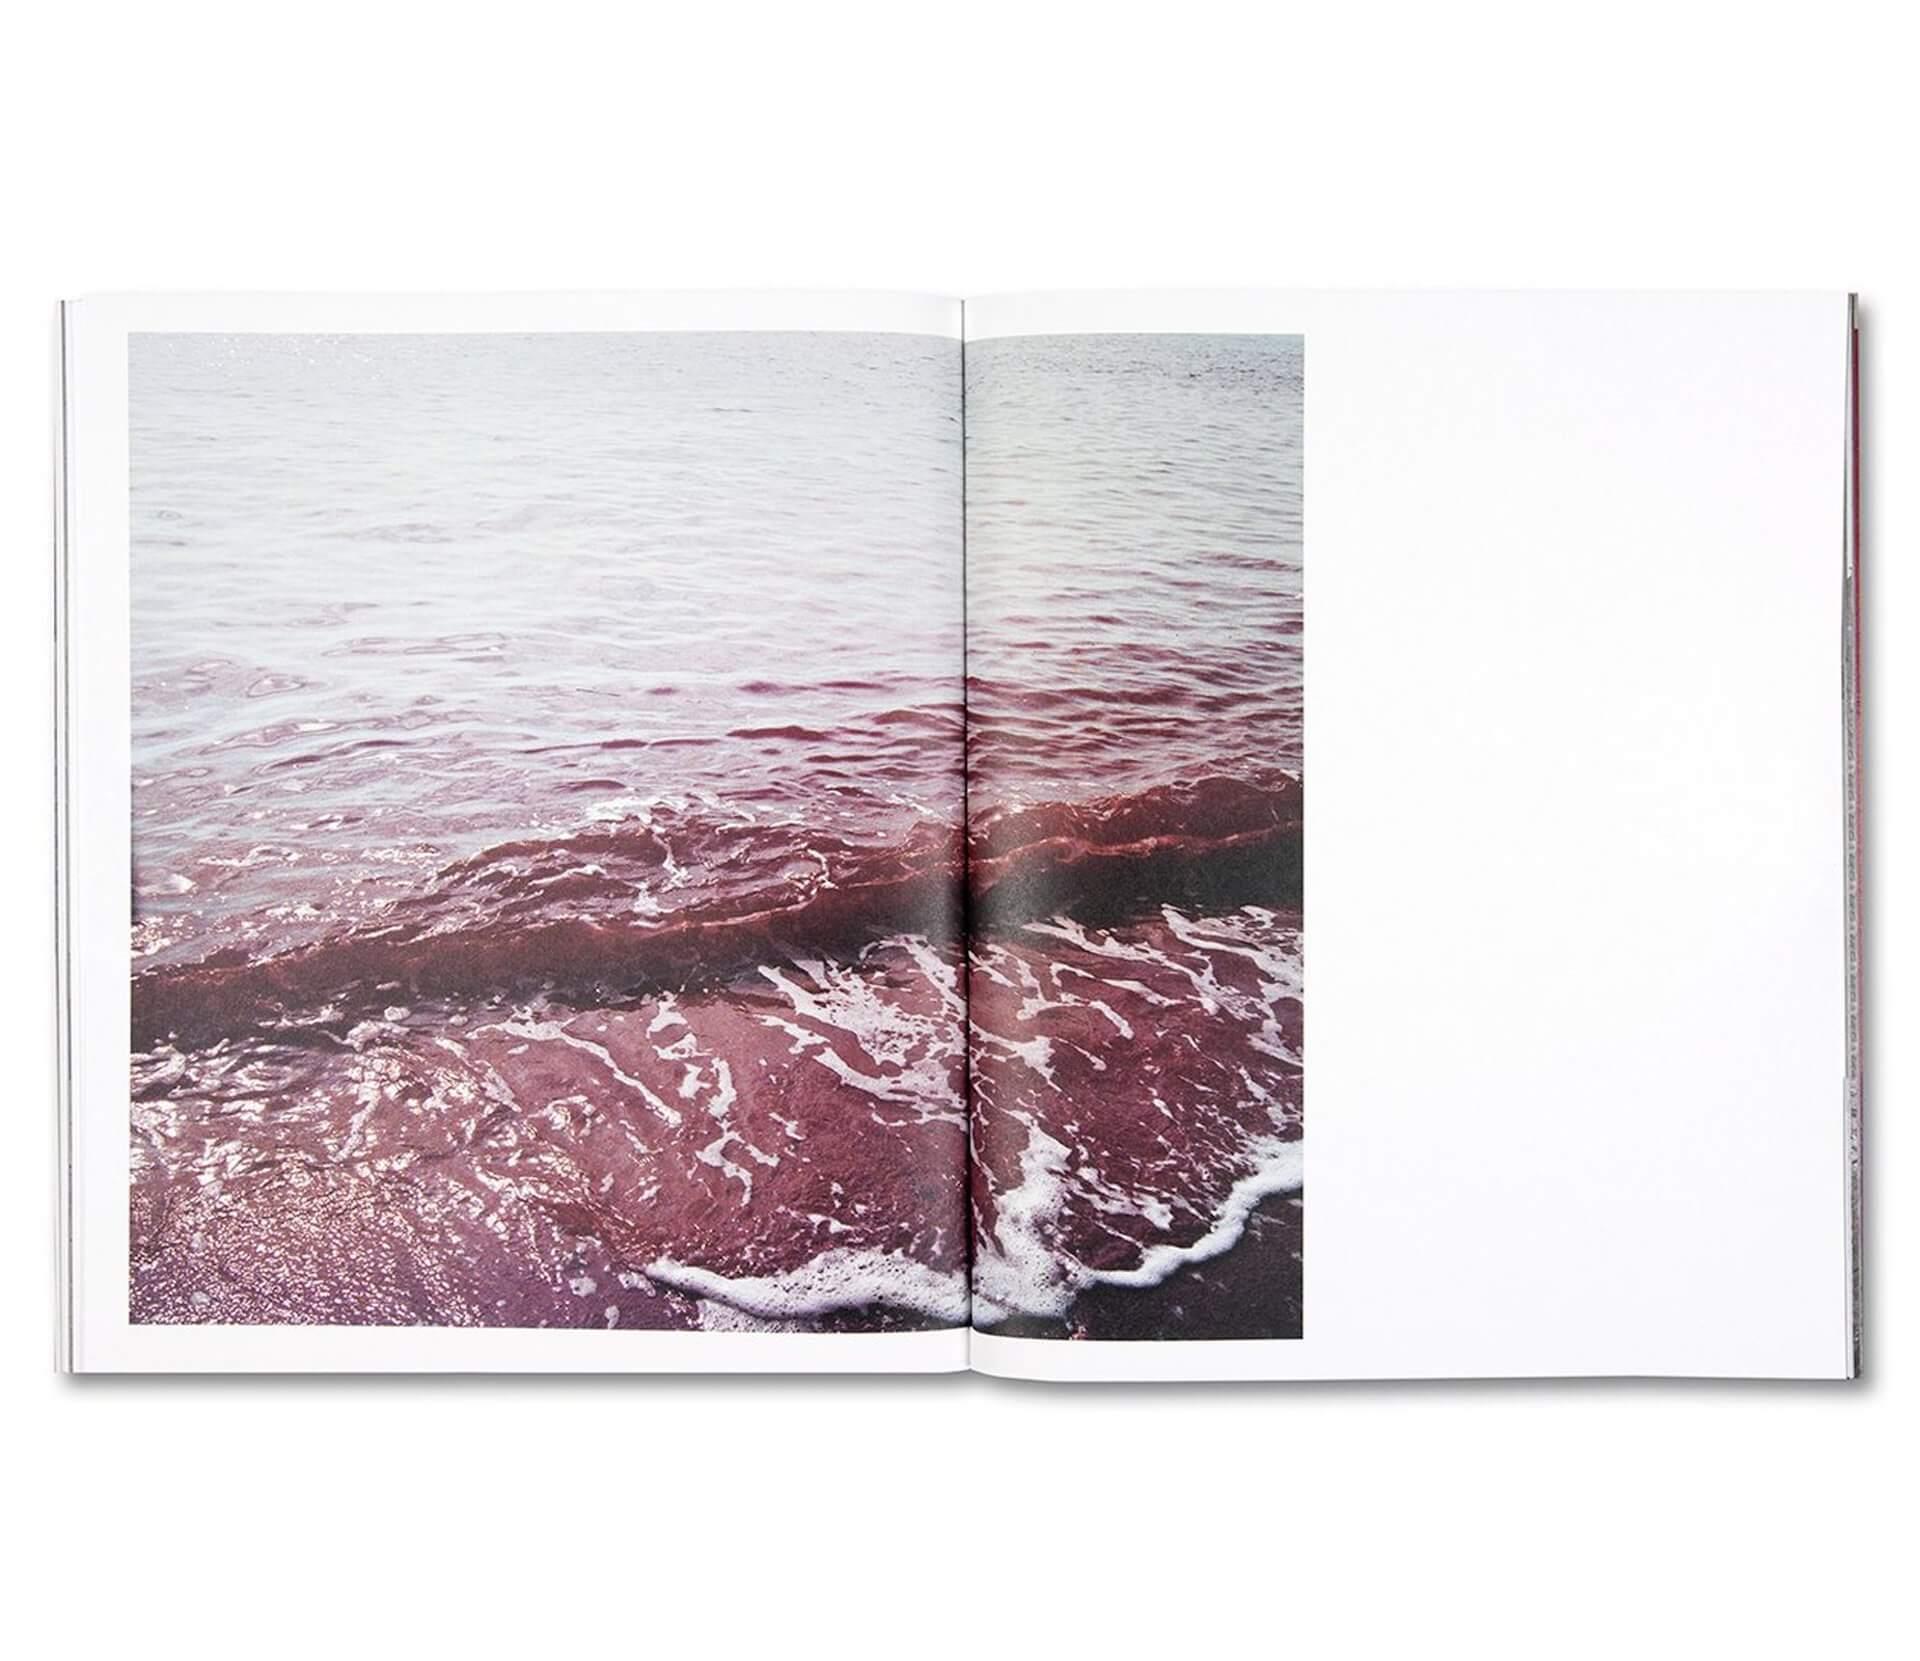 アートブックノススメ|Qetic編集部が選ぶ5冊/Roni Ahn 他 column210916_artbook-014